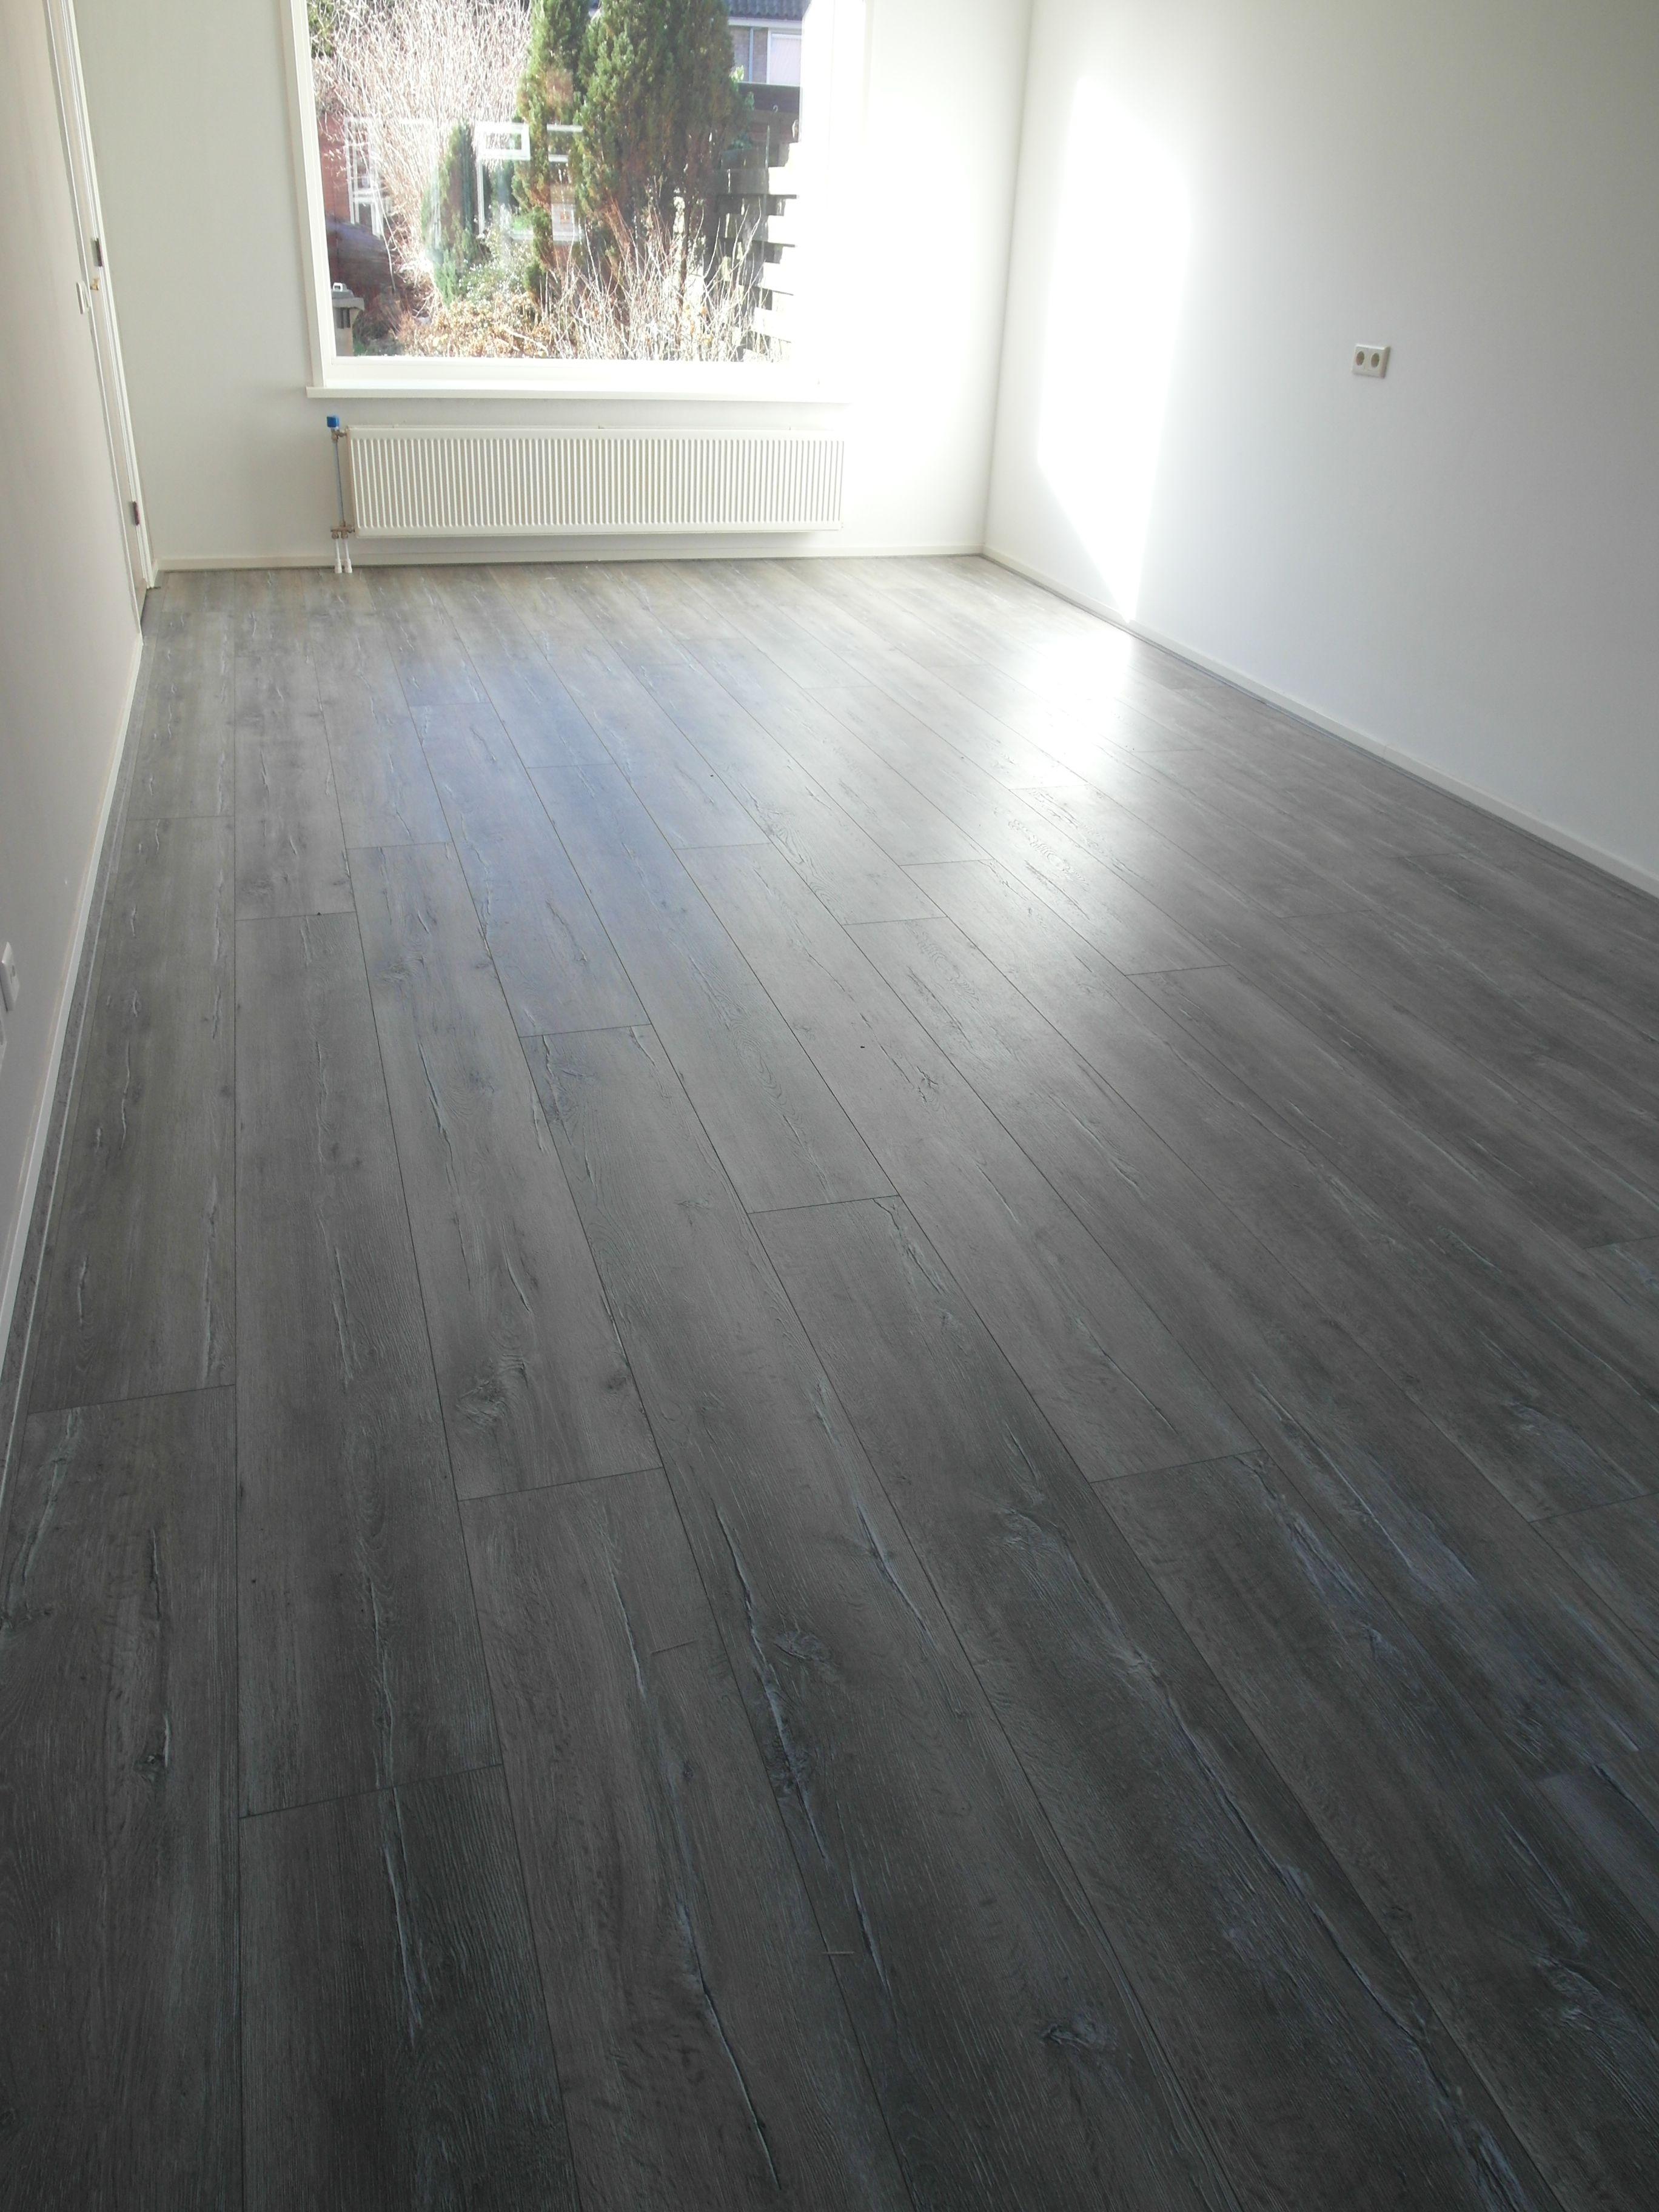 prachtige eiken grijs xl planken extra lang extra breed met